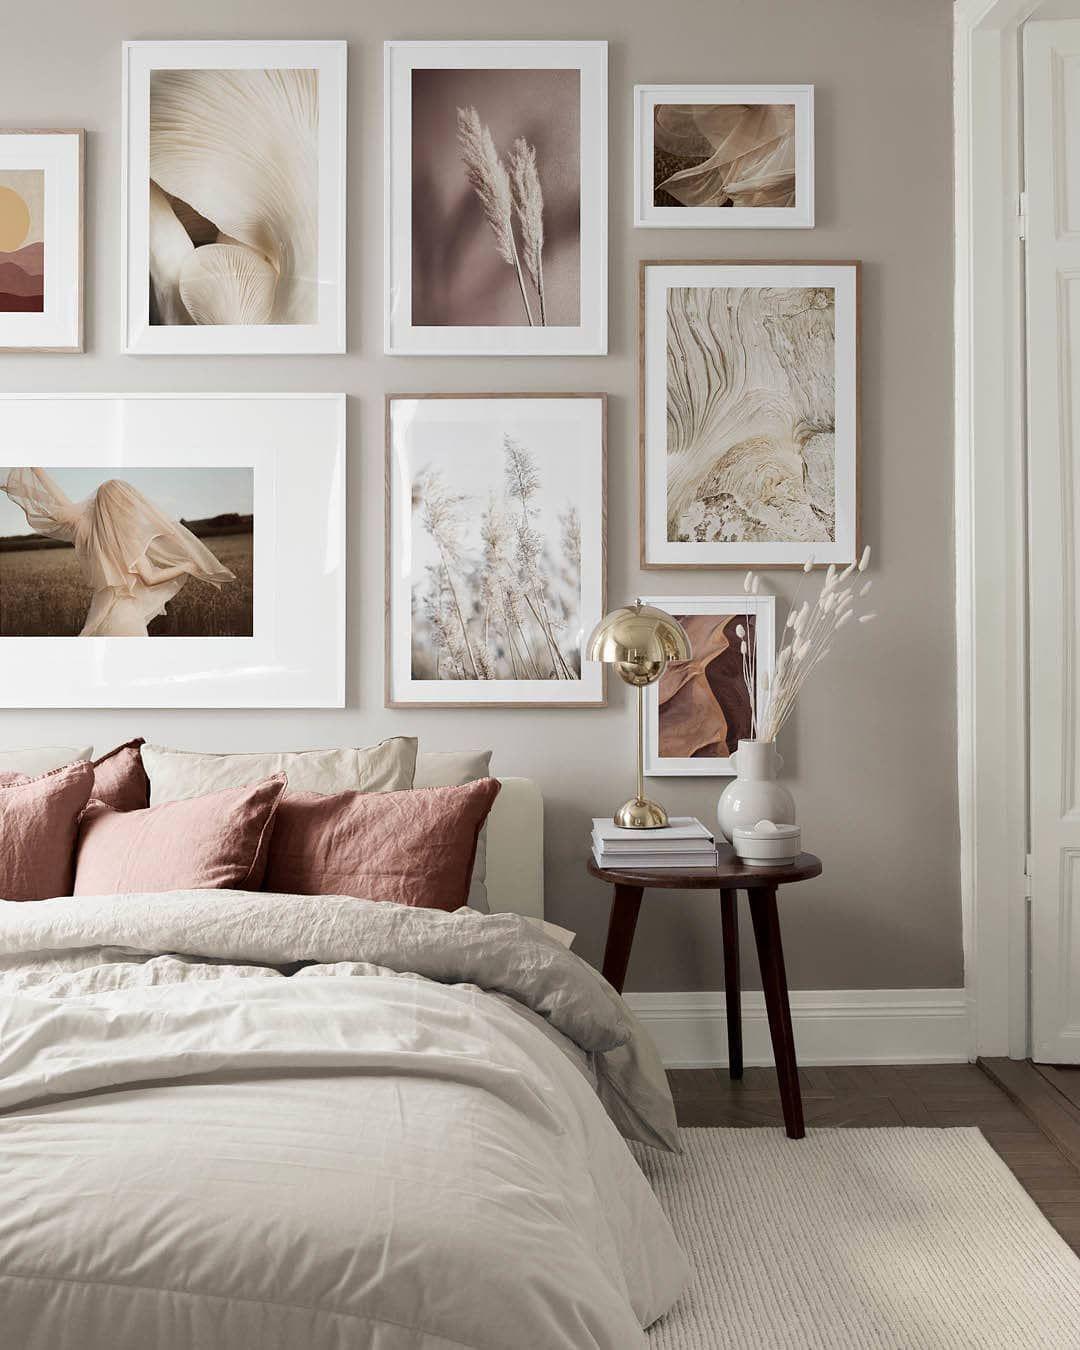 Desenio Posters Online On Instagram Relax Refresh Reconnect Designs Sunrise Illustrat Wohnung Wohnzimmer Wohnzimmerwand Wohnzimmer Ideen Wohnung